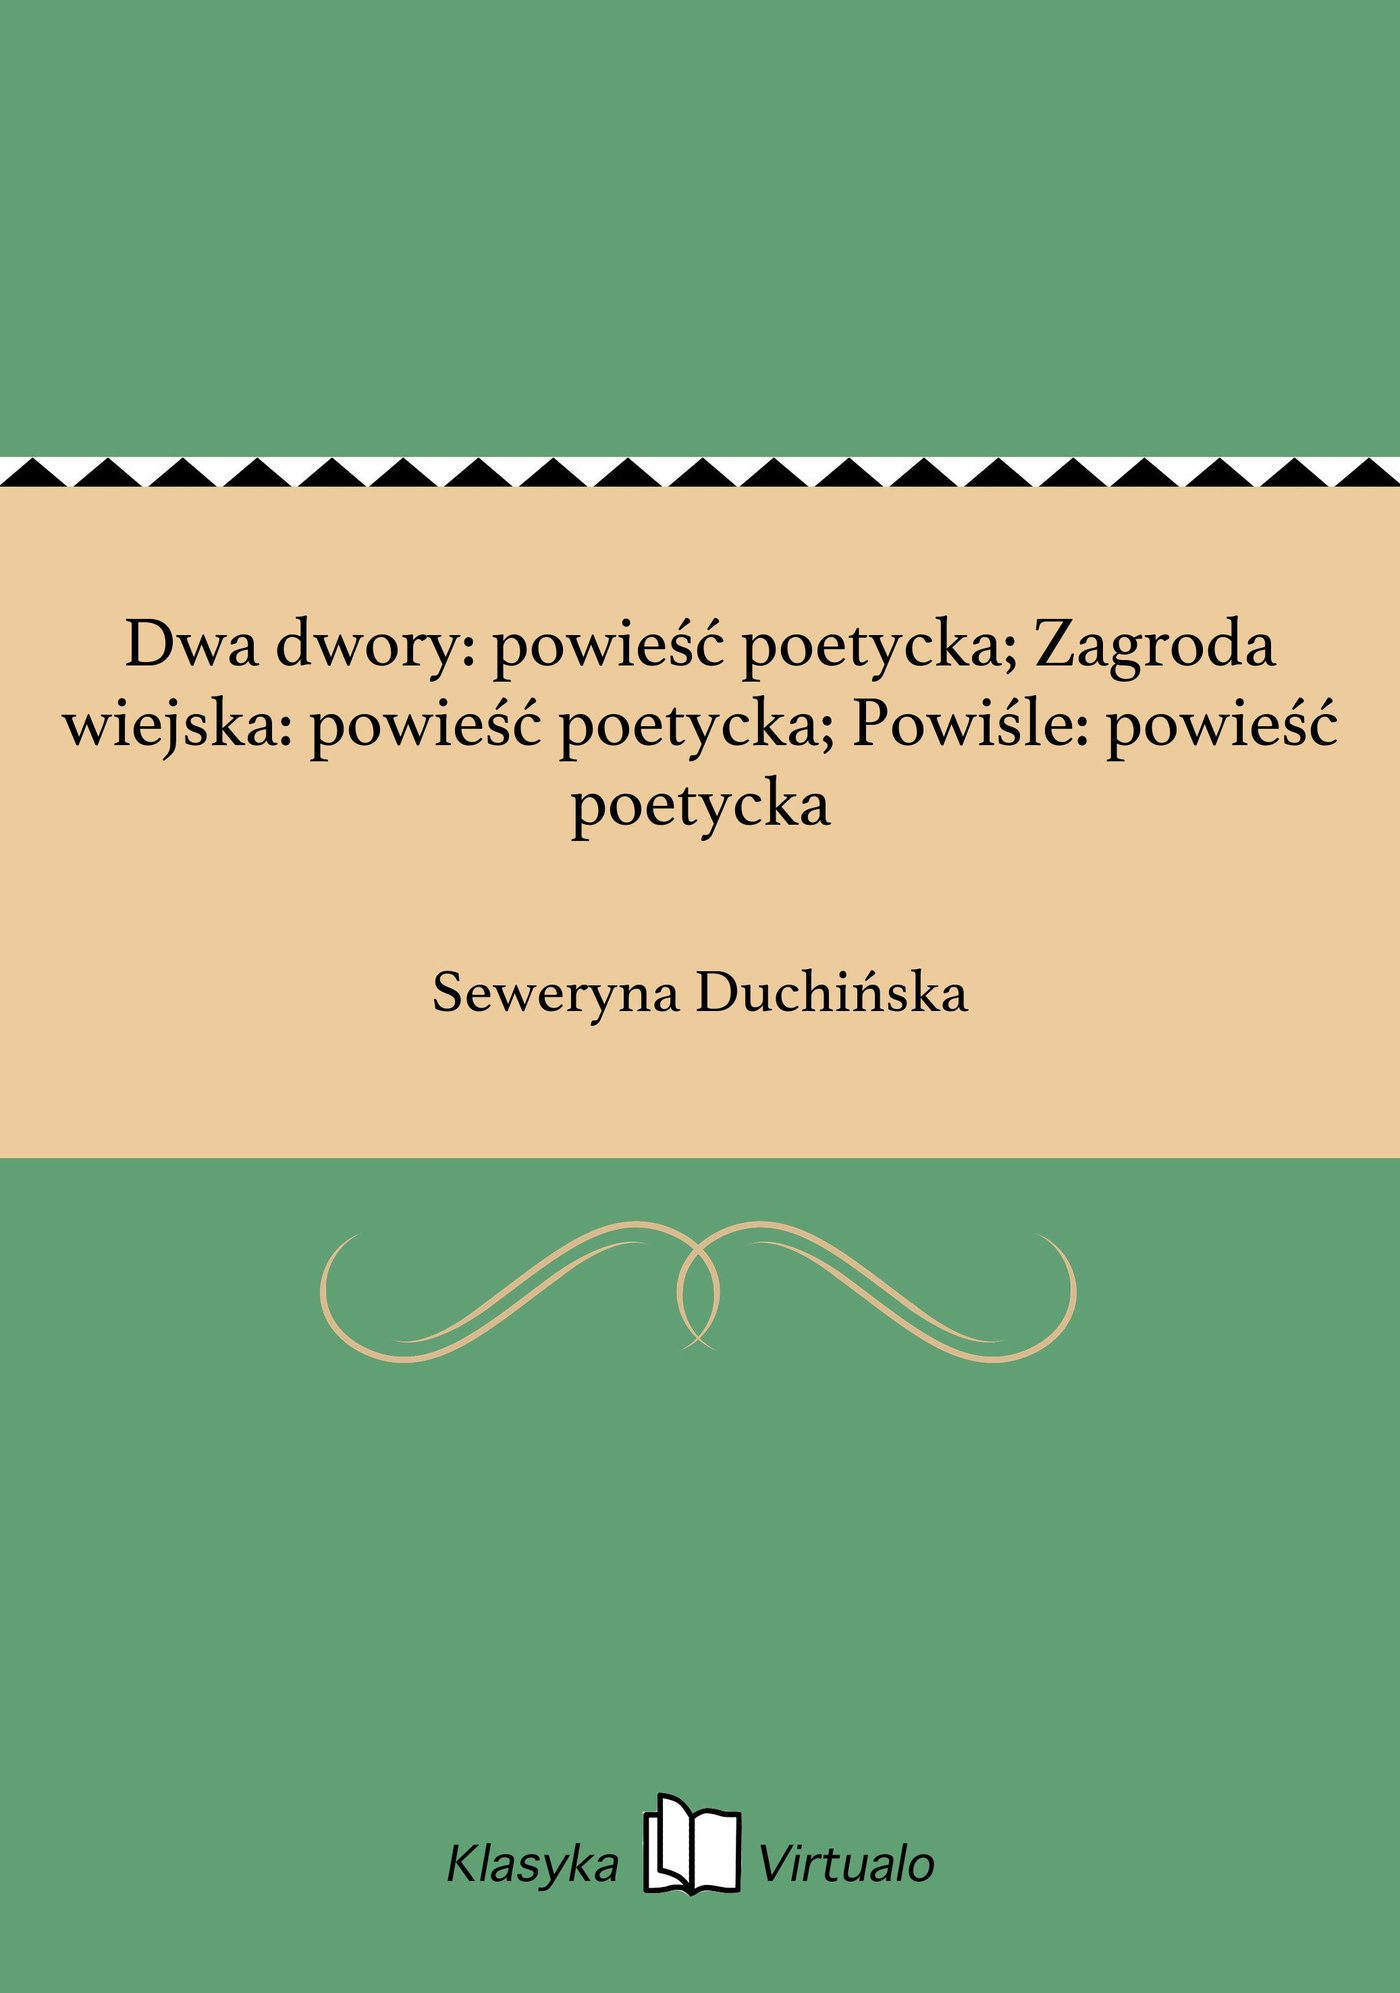 Dwa dwory: powieść poetycka; Zagroda wiejska: powieść poetycka; Powiśle: powieść poetycka - Ebook (Książka EPUB) do pobrania w formacie EPUB